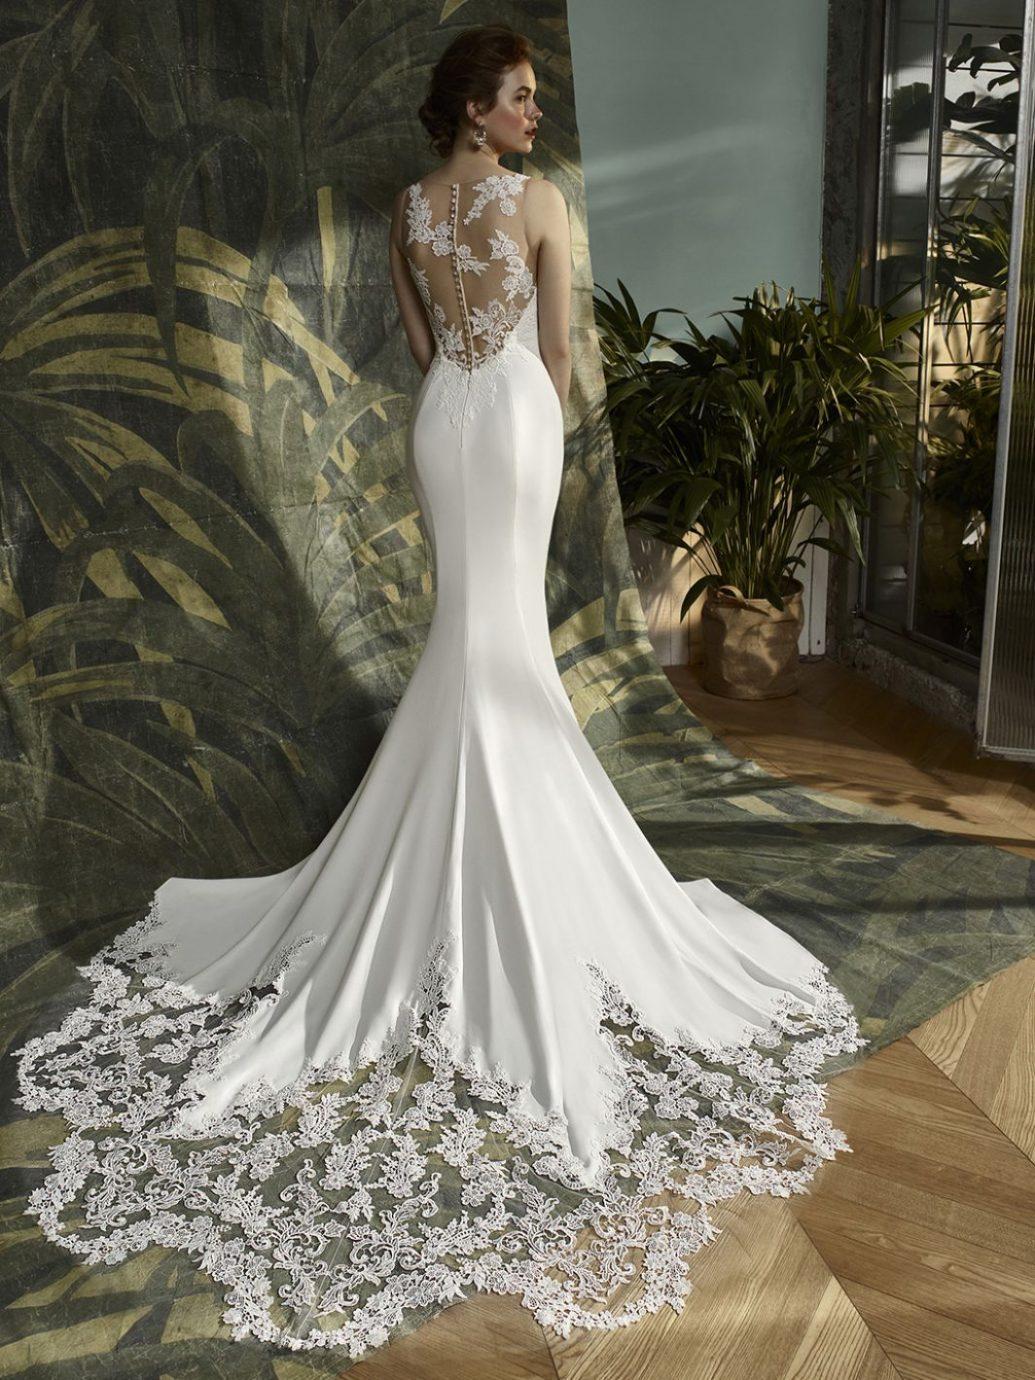 Az Enzoani Kalypso esküvői ruha hátulról valami mesés.